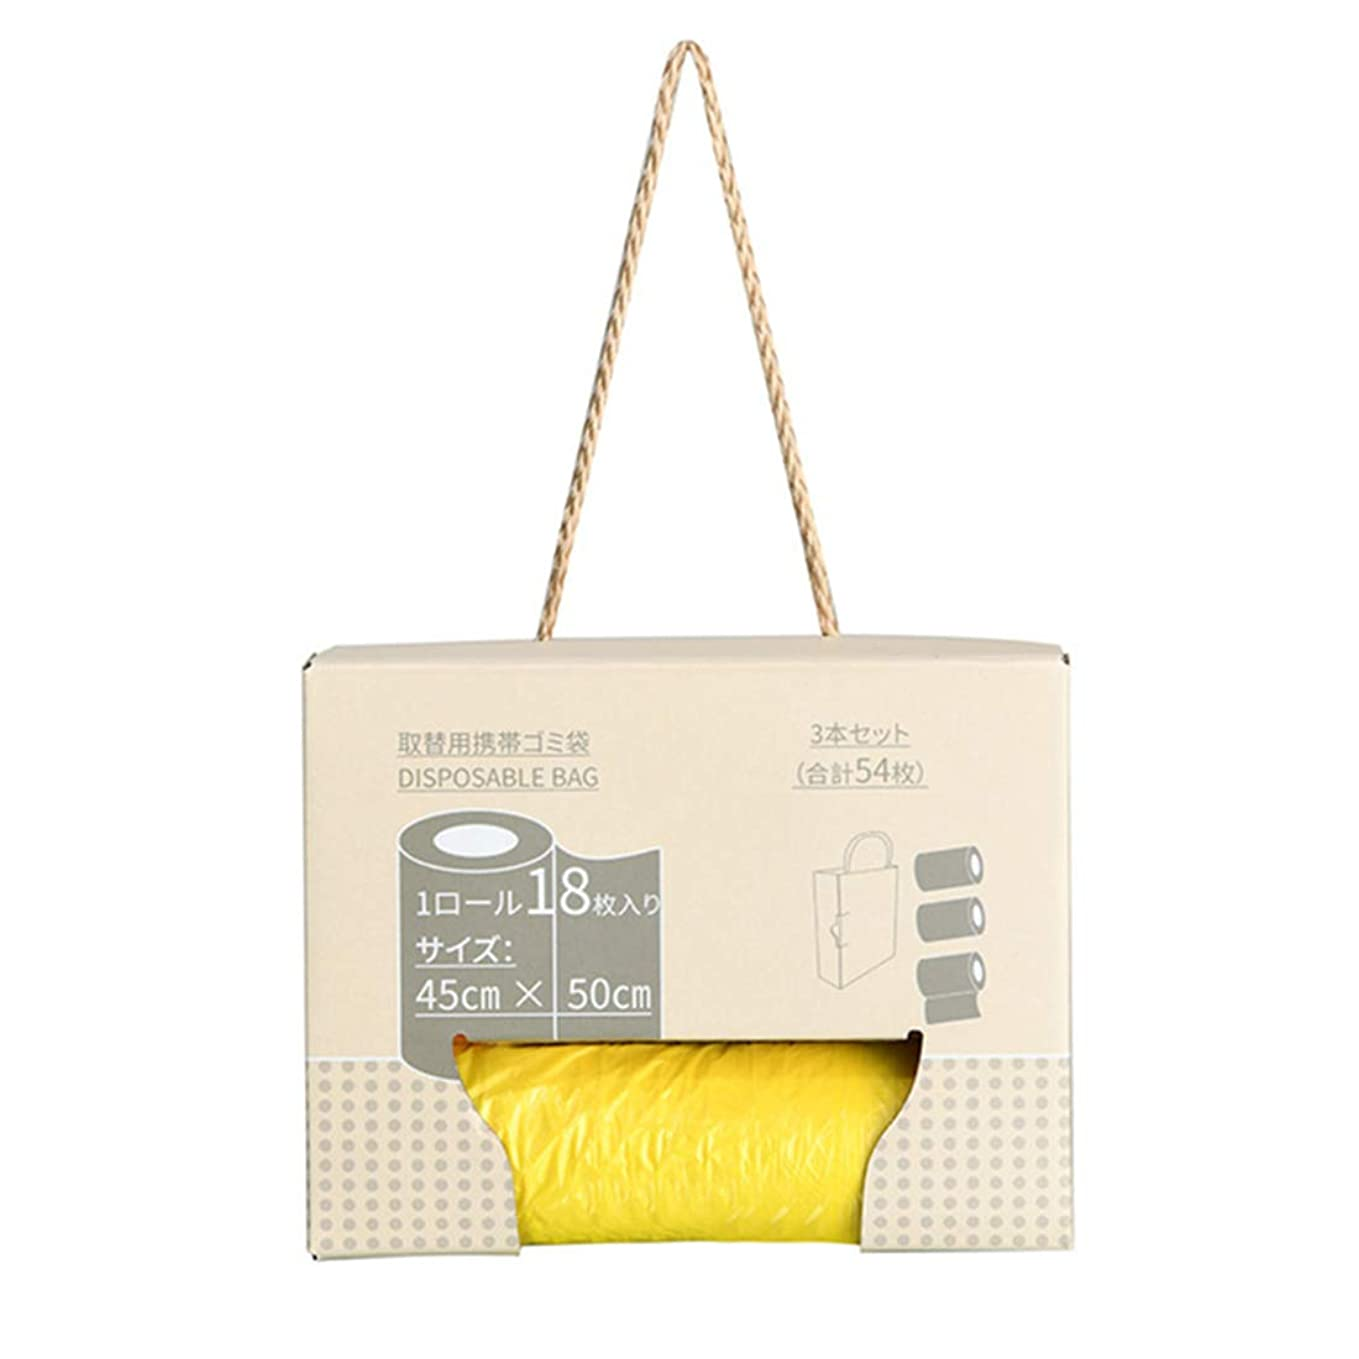 デンプシーインシュレータ酔ったcteybu 半透明 ひも付きゴミ袋 ごみ袋 防臭 PE素材 新しい肥厚 良好な強靭性 収納便利 環境汚染がない 50×45cm (黄色、54枚入)